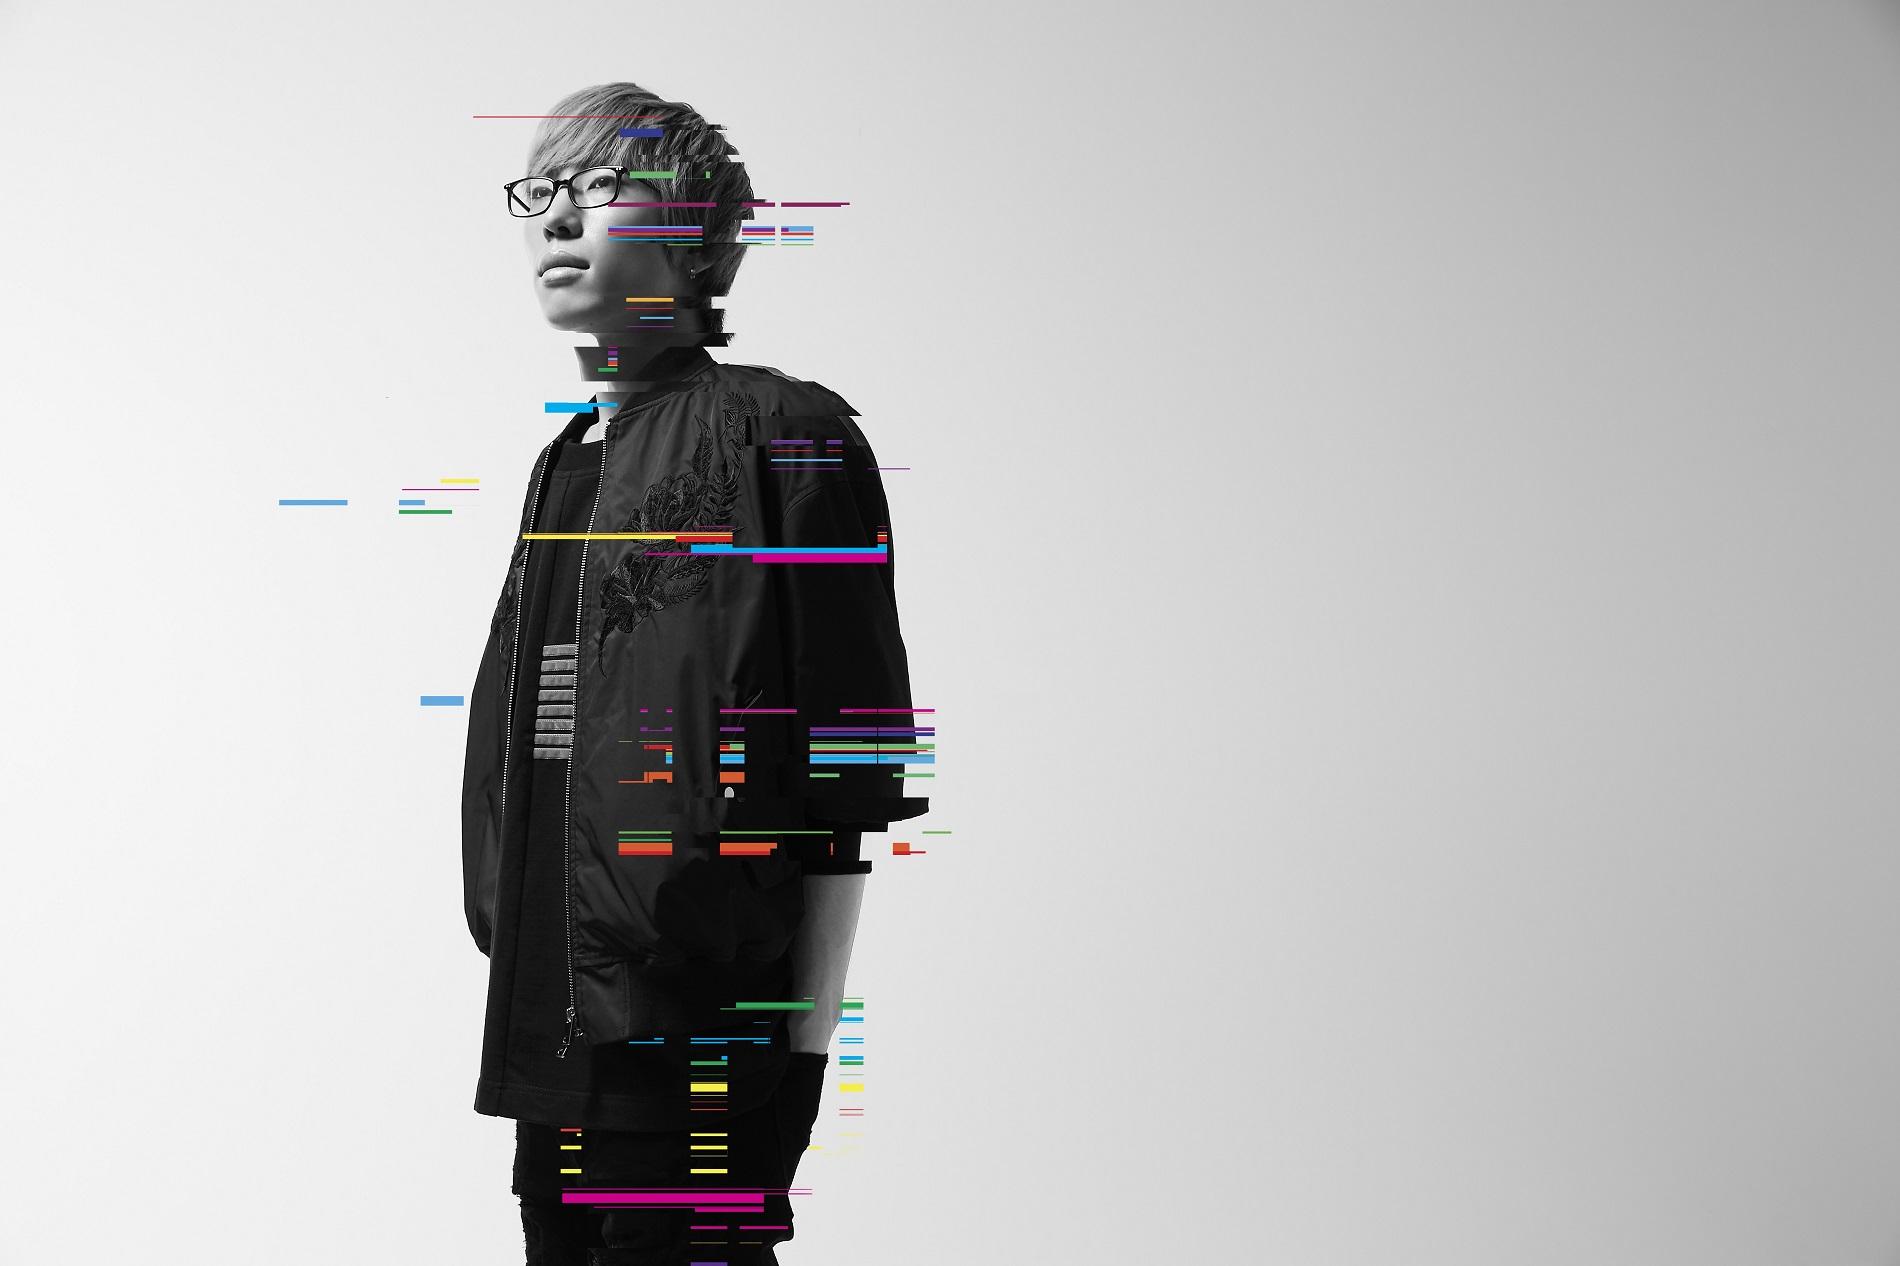 ニコニコ超会議2018の「踊ってみたフェス 踊オフPart」のテーマ曲が八王子Pの新曲に決定!